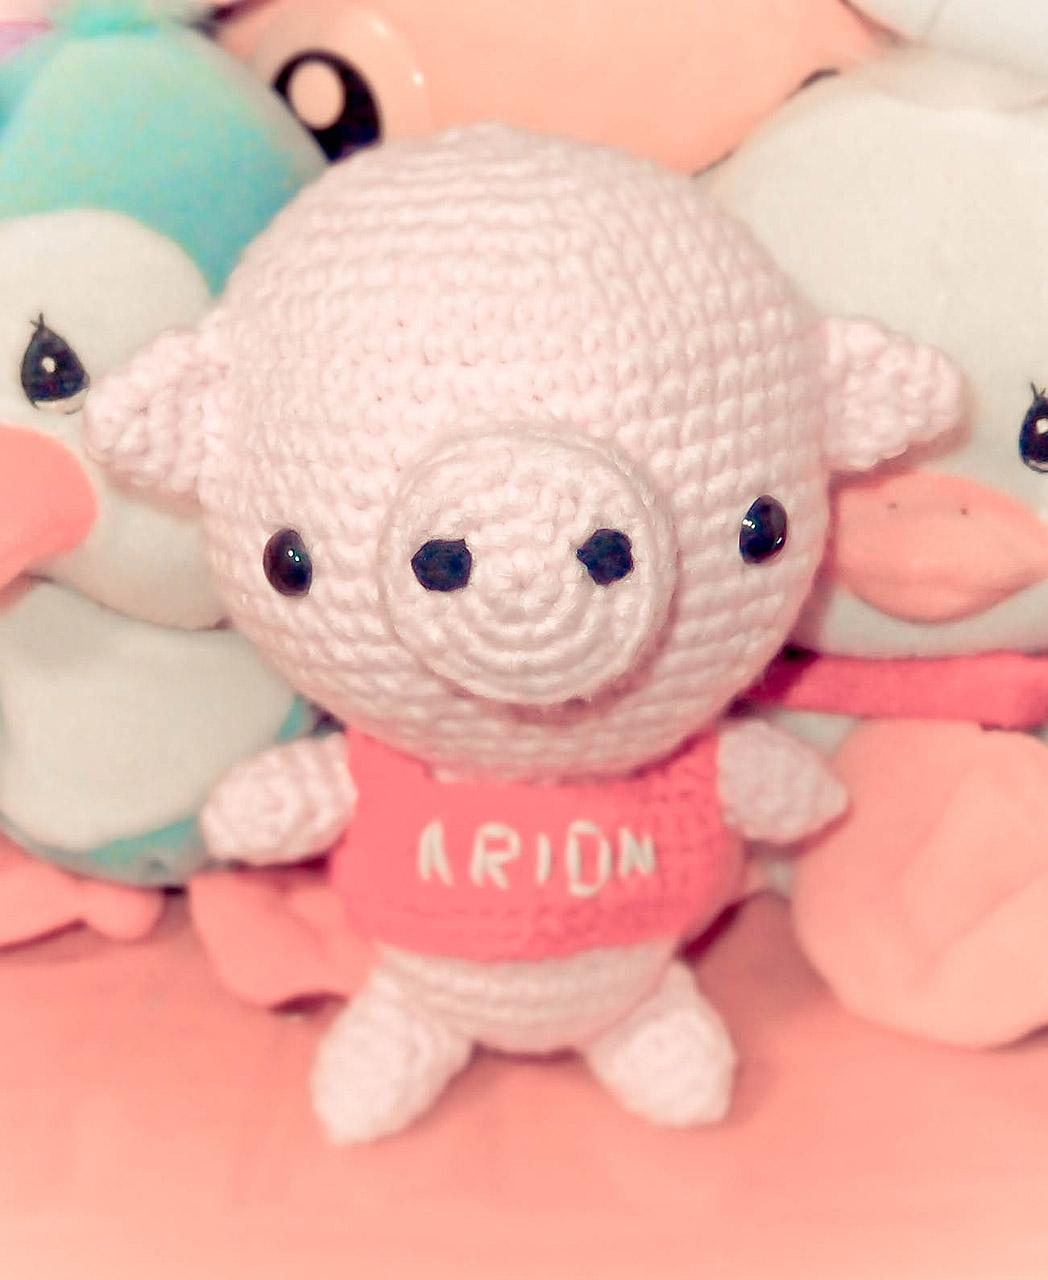 Amigurumi Pig : Piggy oink oink Amigurumi ~ Snacksies Handicraft Corner